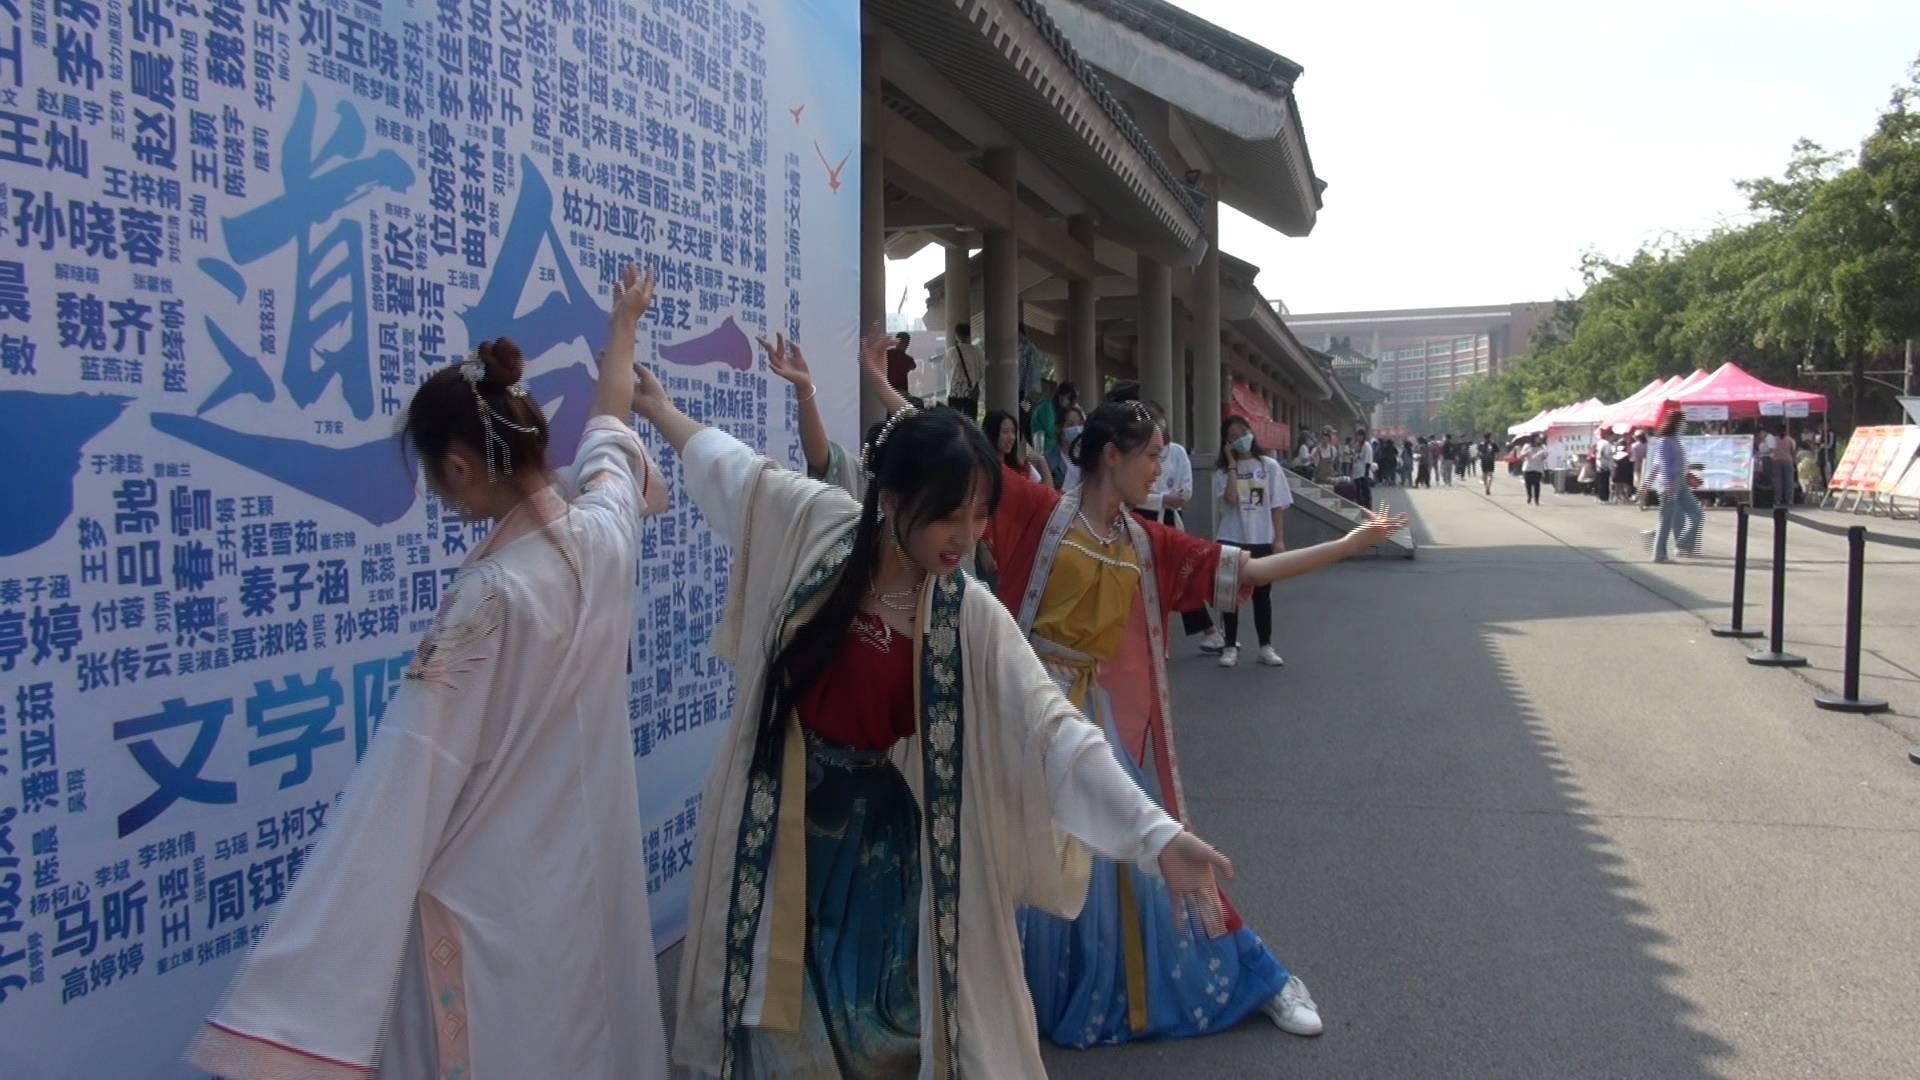 49秒丨四点起床盘发髻!齐鲁师范学院学姐跳古典舞花式迎新生